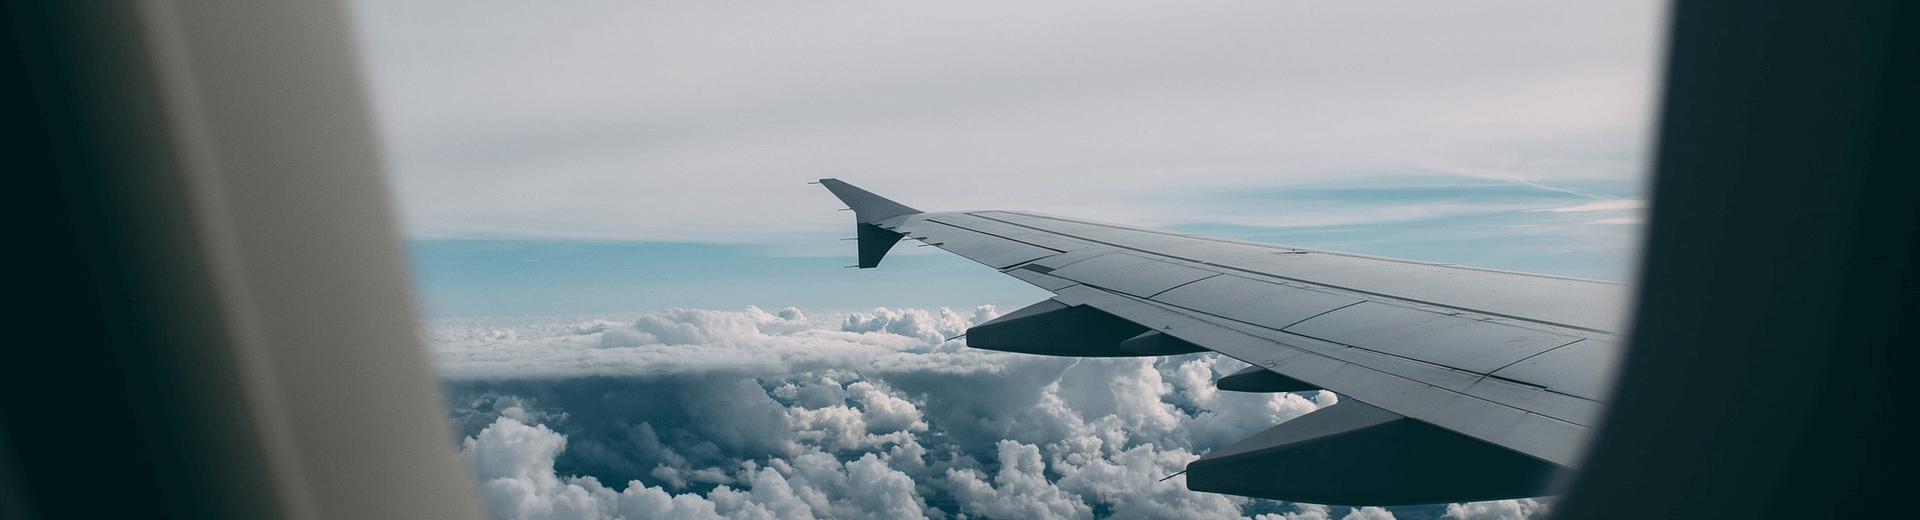 Avio Karte Beograd Tivat.Avio Karte Guliver Turisticka Agencija Podgorica